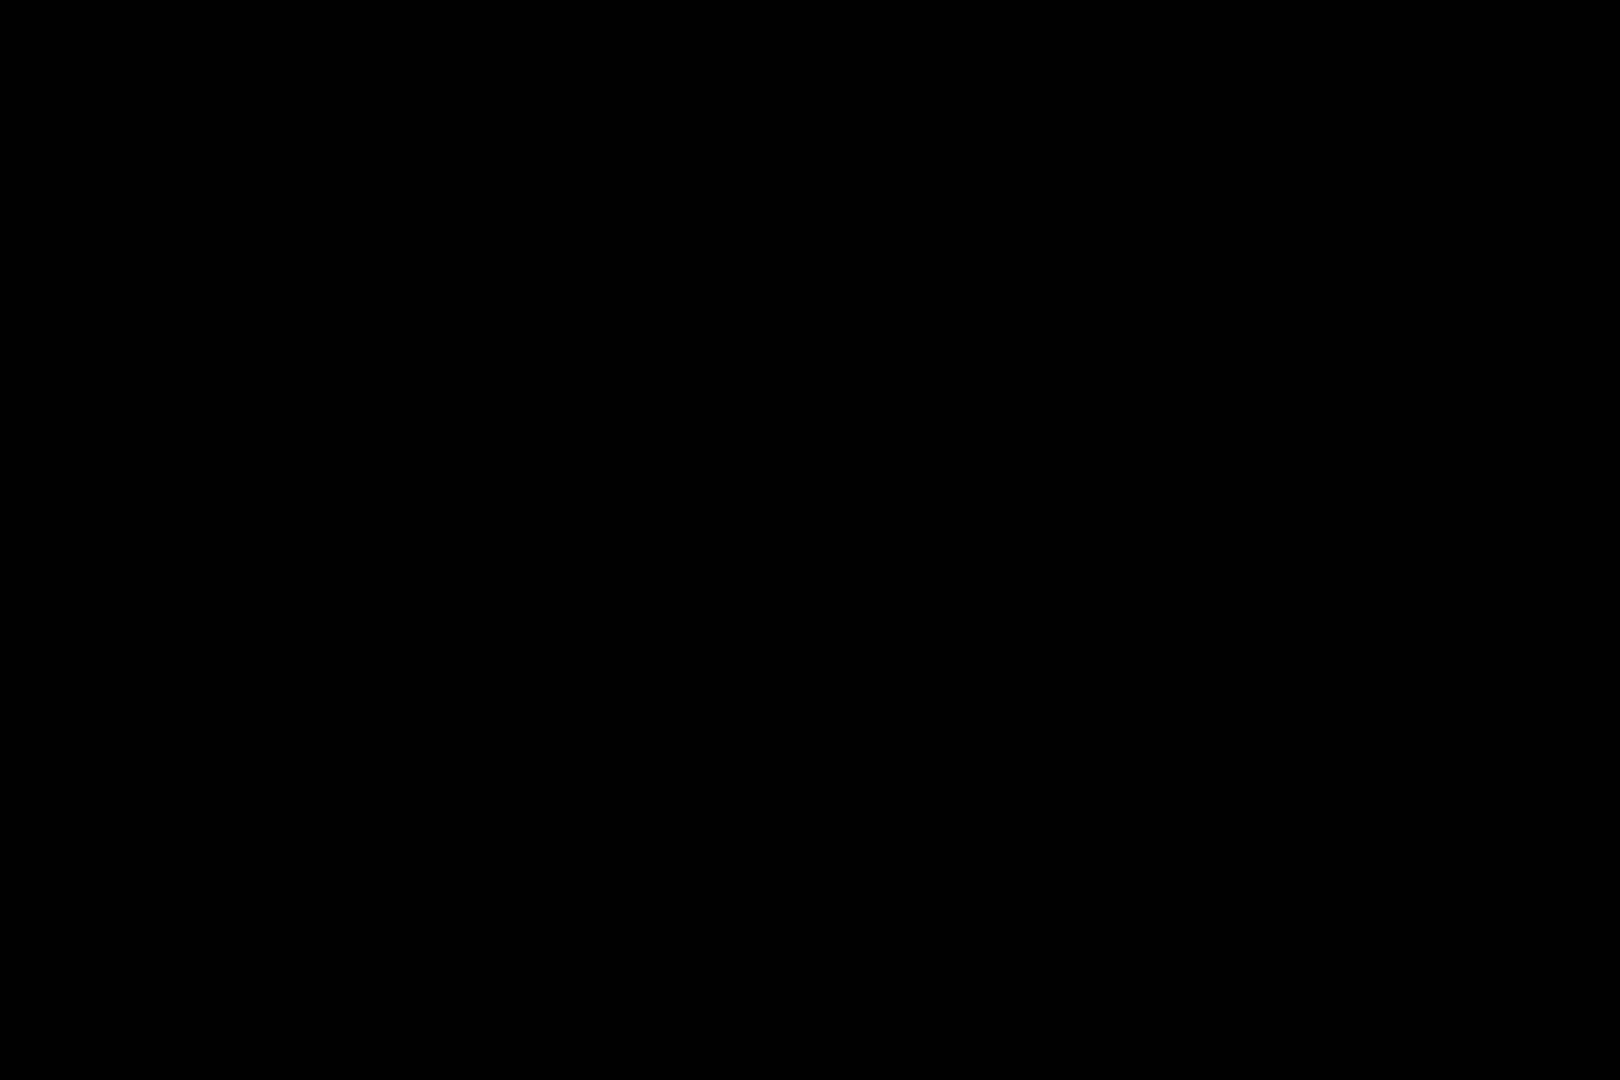 充血監督の深夜の運動会Vol.226 OLヌード天国 | カップルのセックス  54PIX 41